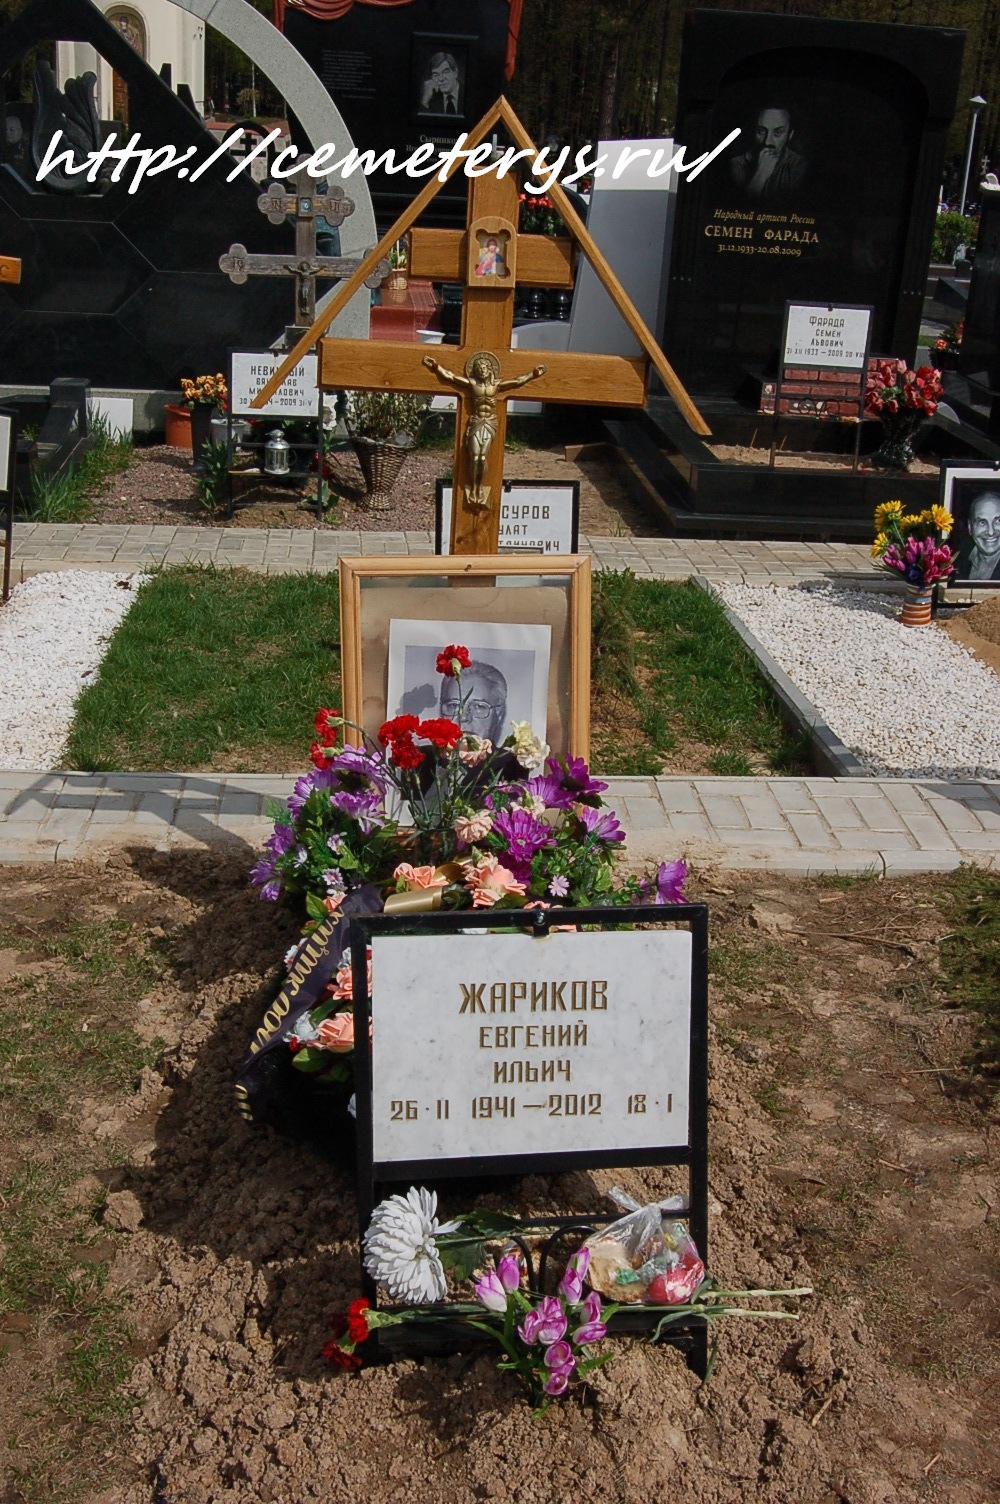 могила Евгения Жарикова на Троекуровском кладбище в Москве (вид могилы до установки памятника)( фото Дмитрия Кондратьева)